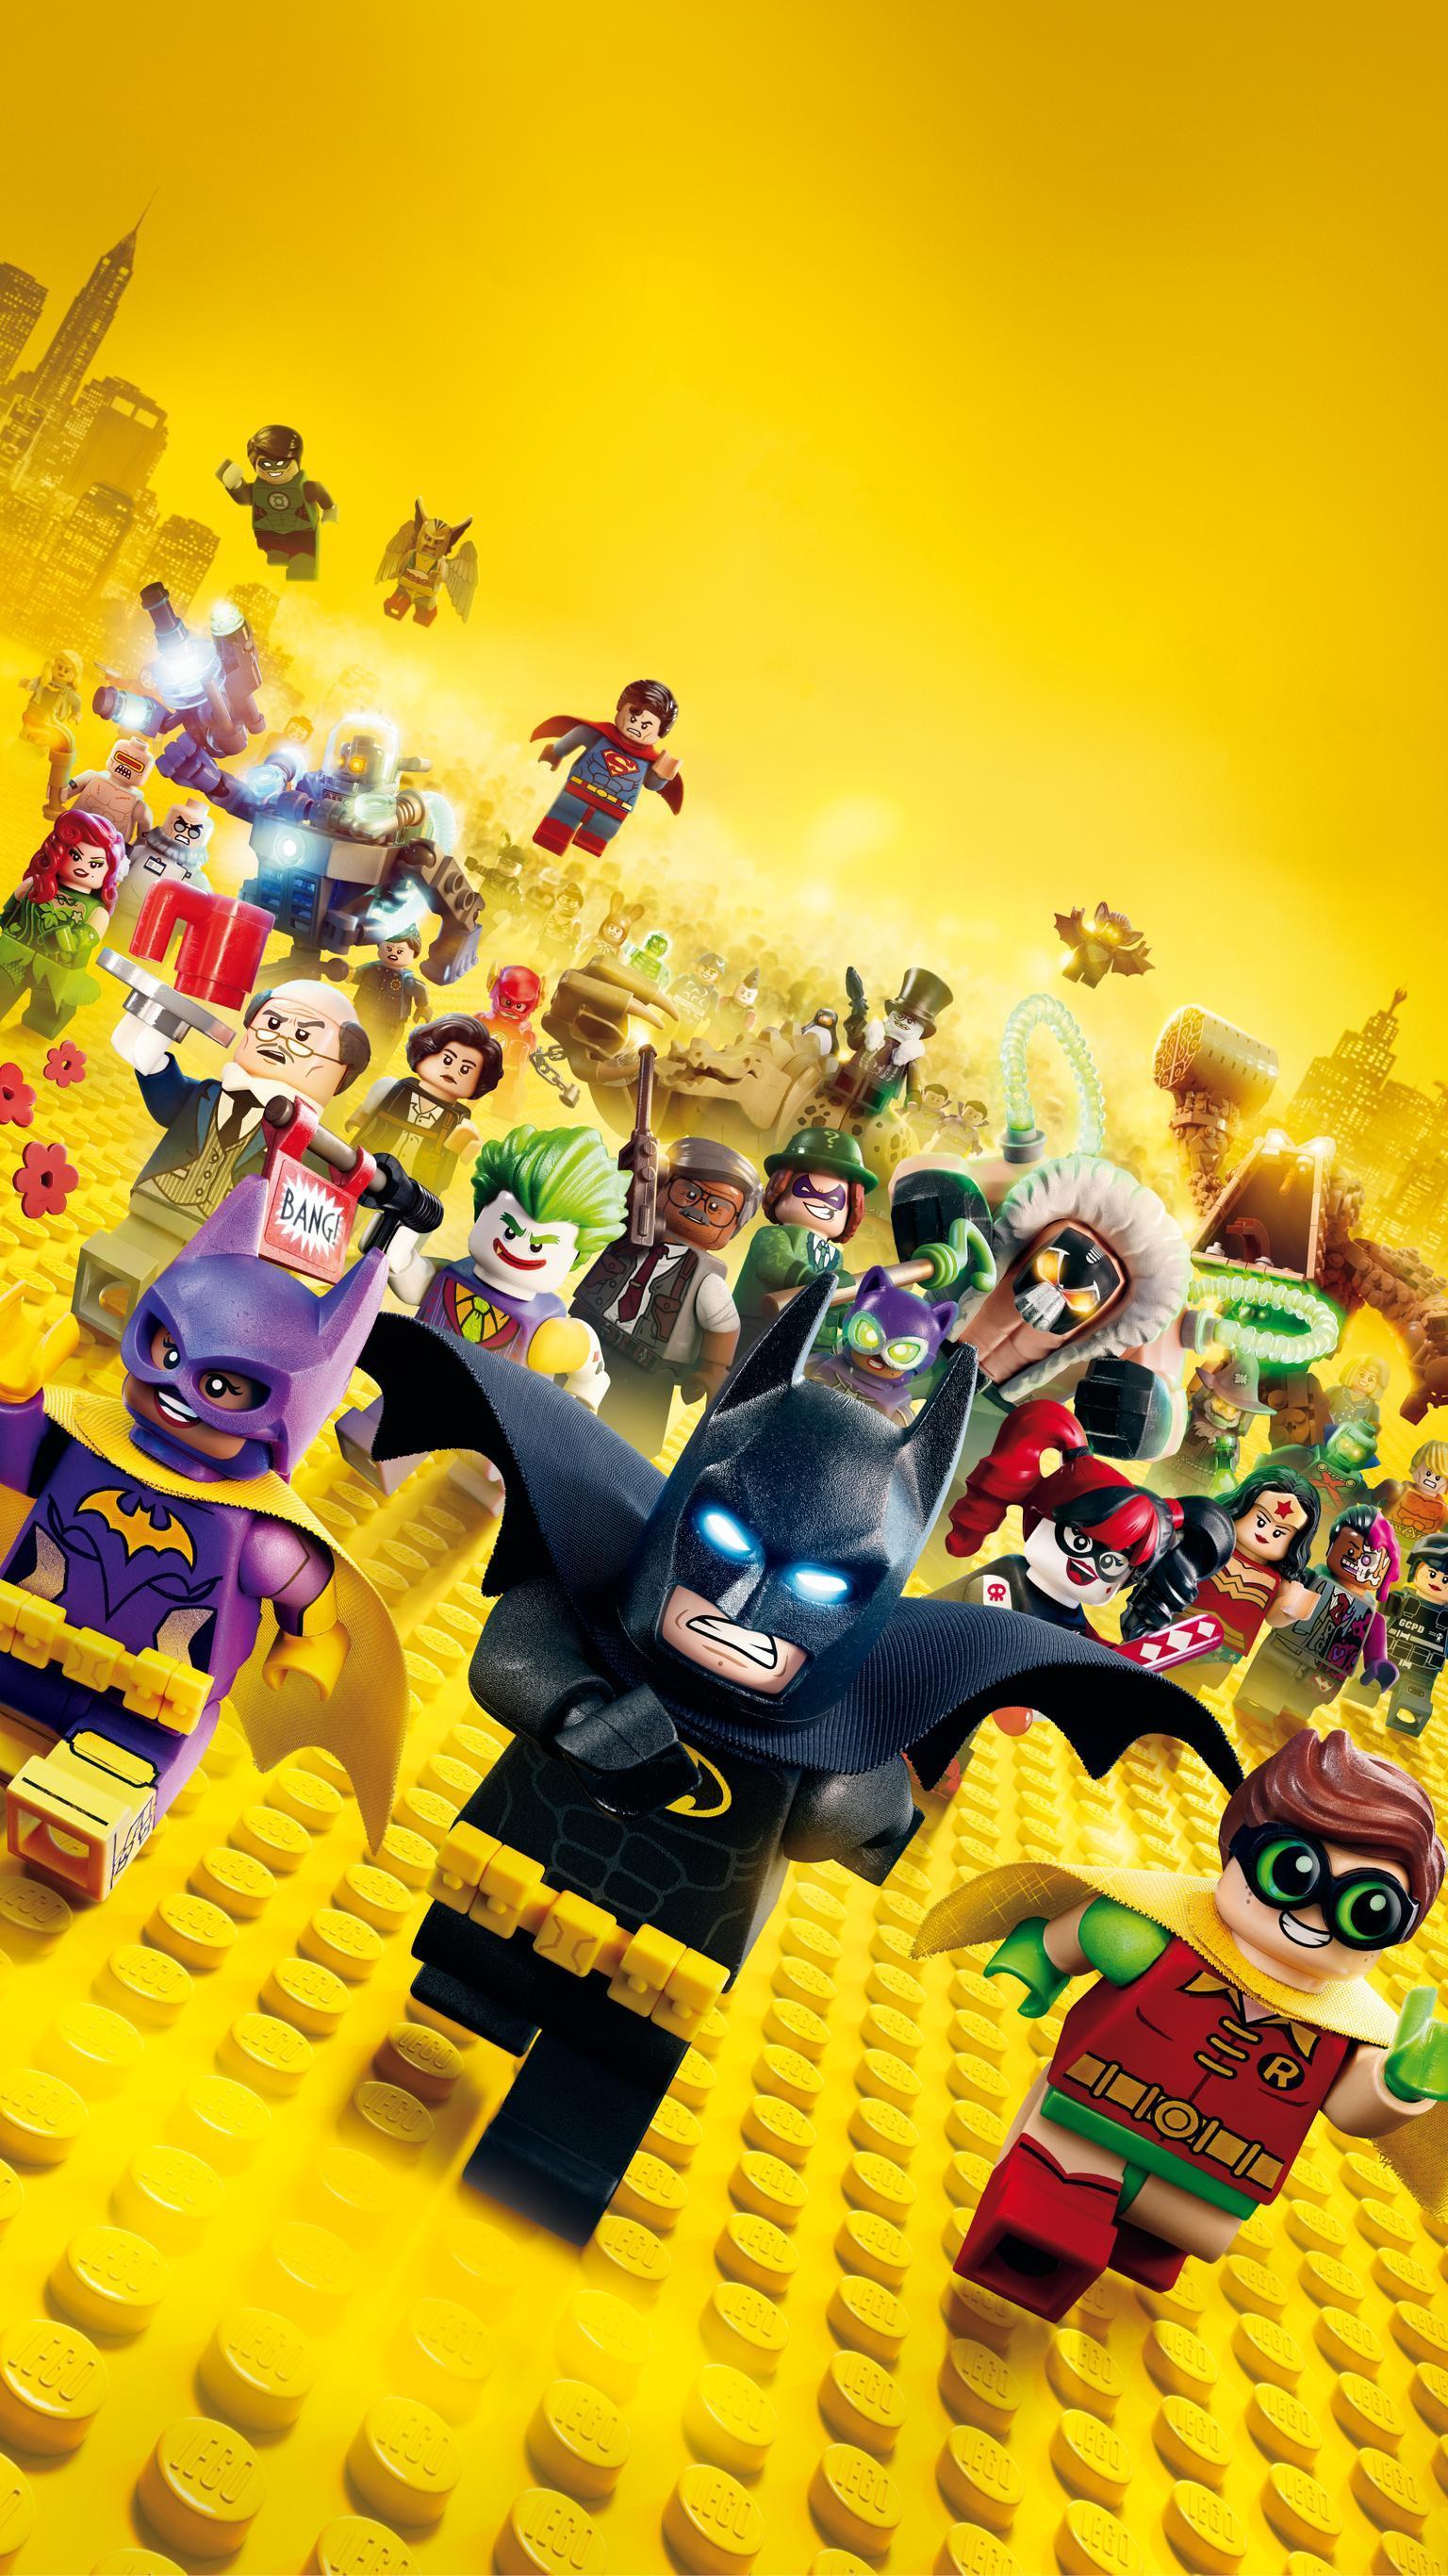 Wallpapers Lego Batman - Wallpaper Cave